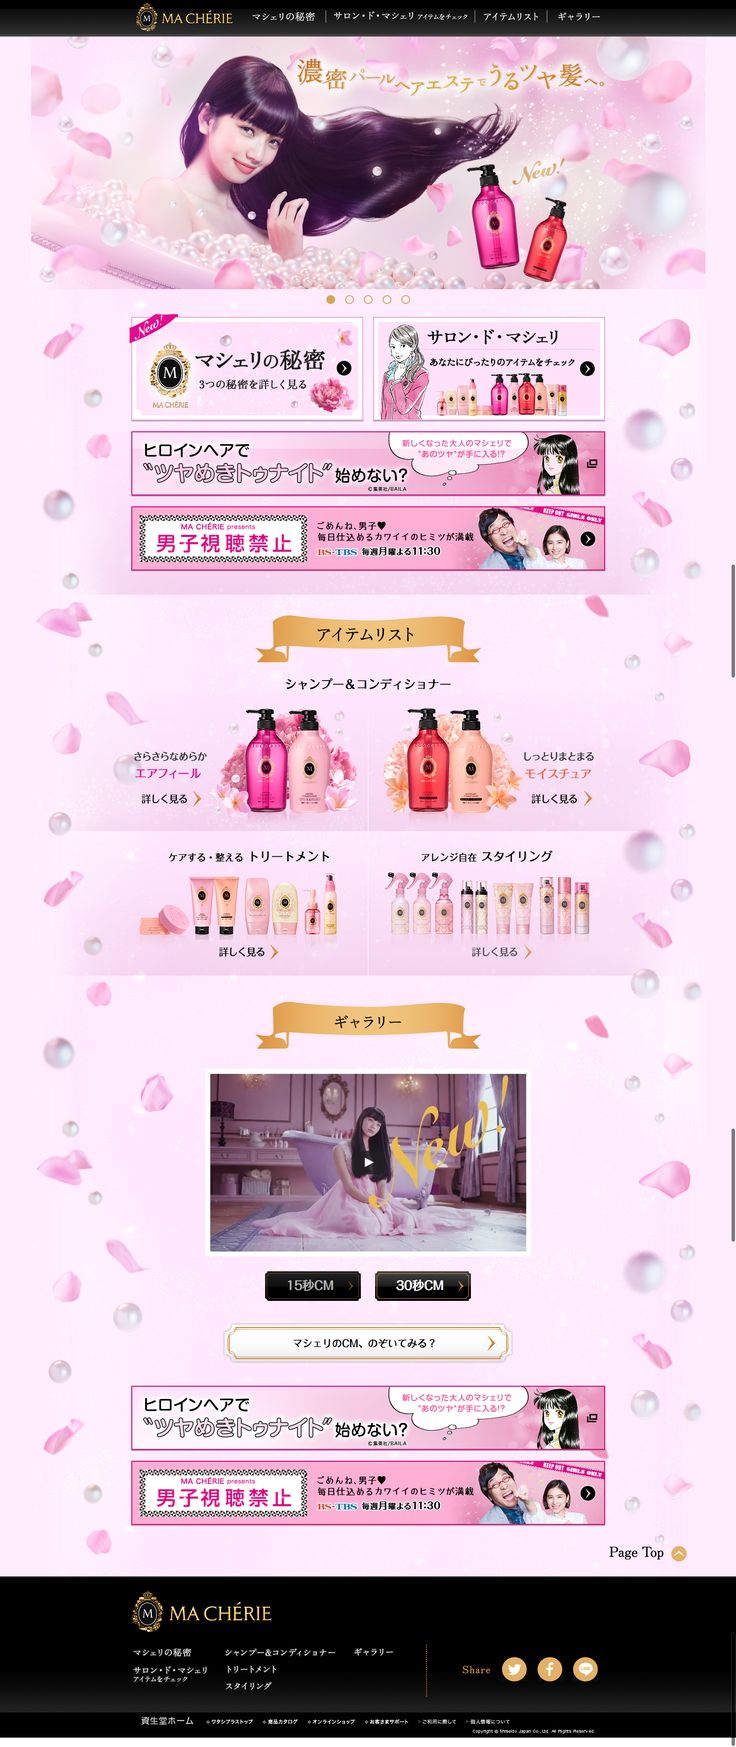 http://www.shiseido.co.jp/macherie/